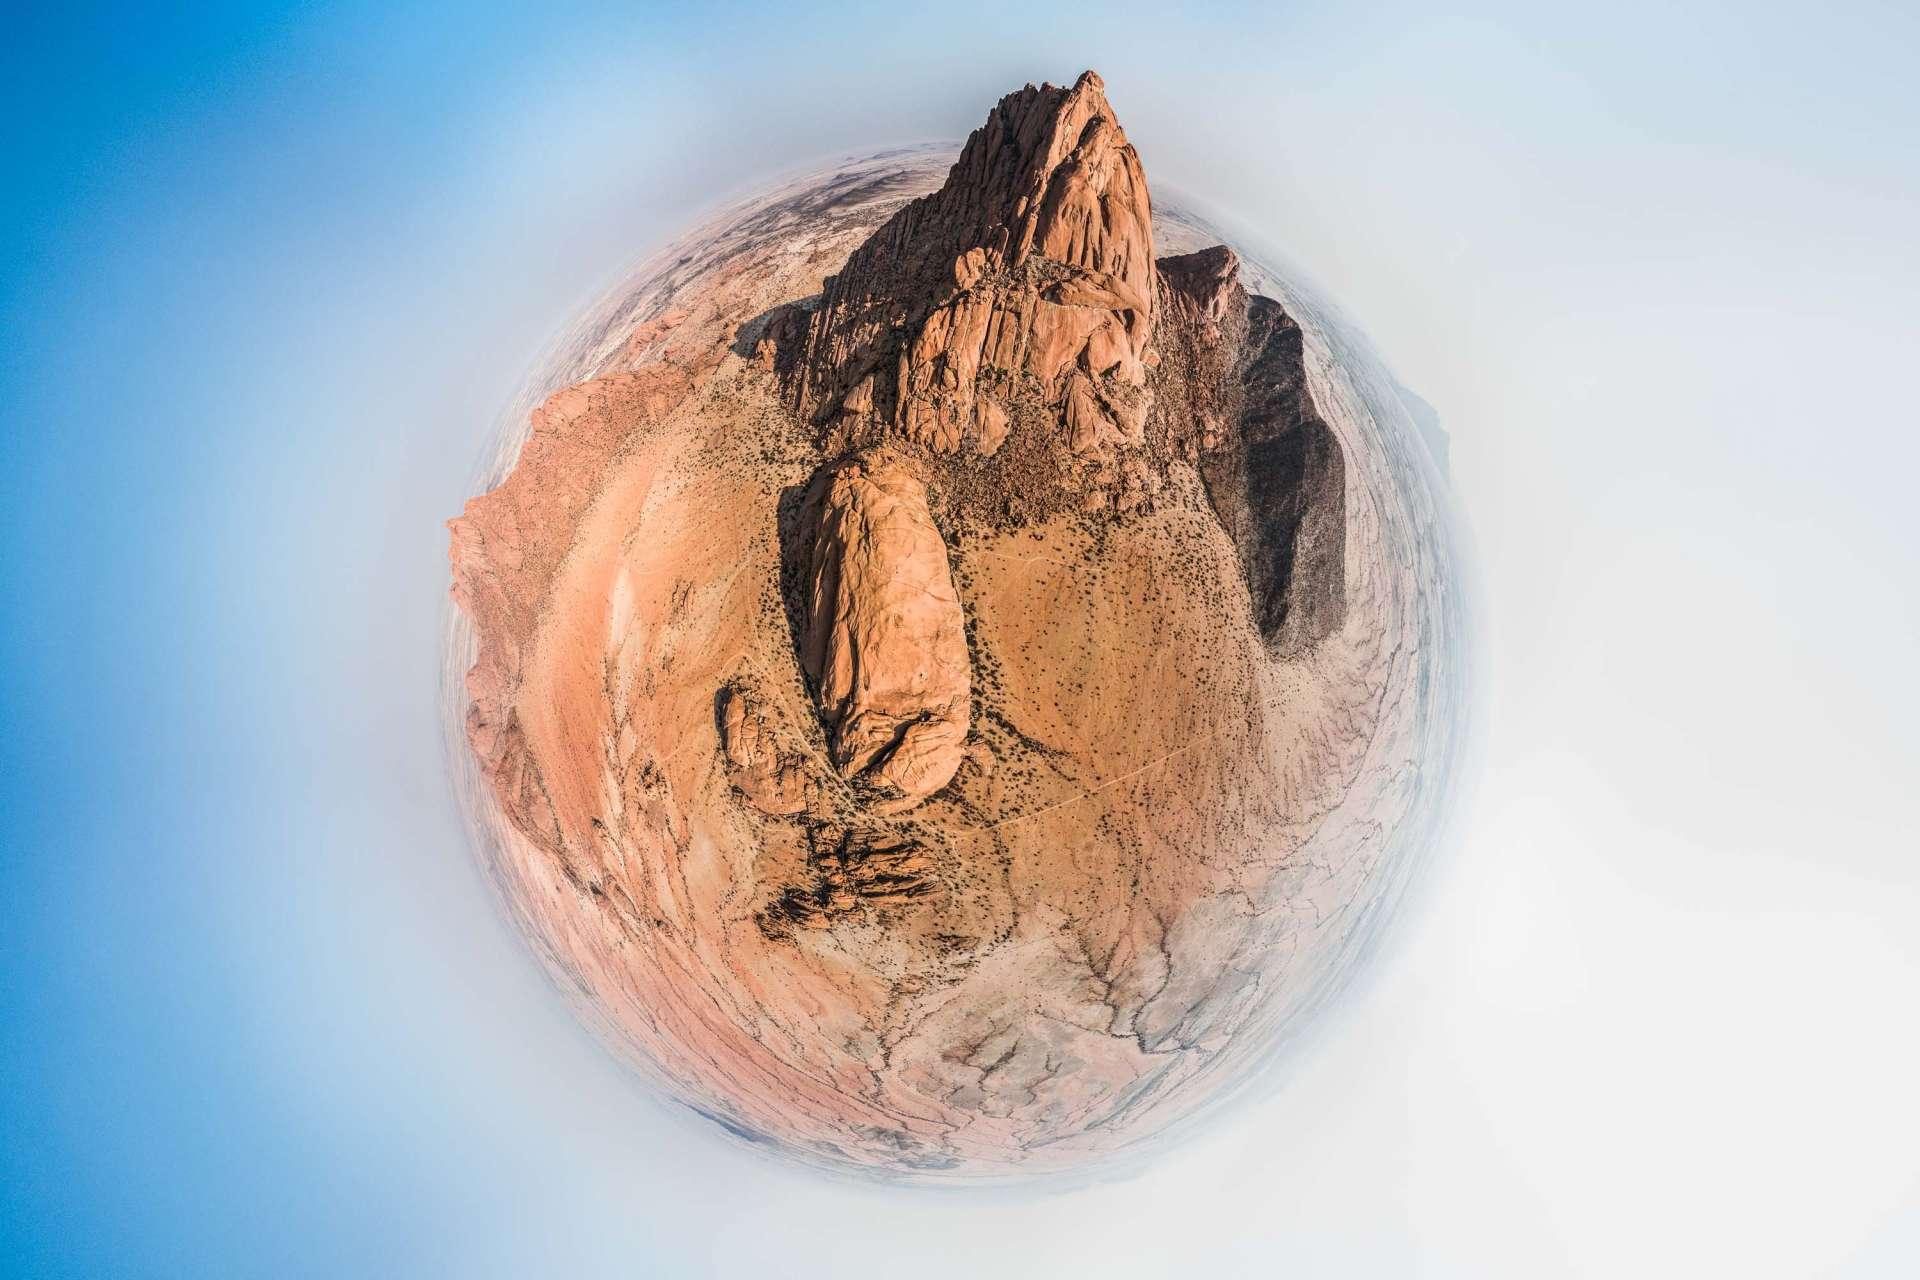 Namibia Spitzkoppe little planet enrico Pescantini Travel Photographer drone aerial Spitzkoppen